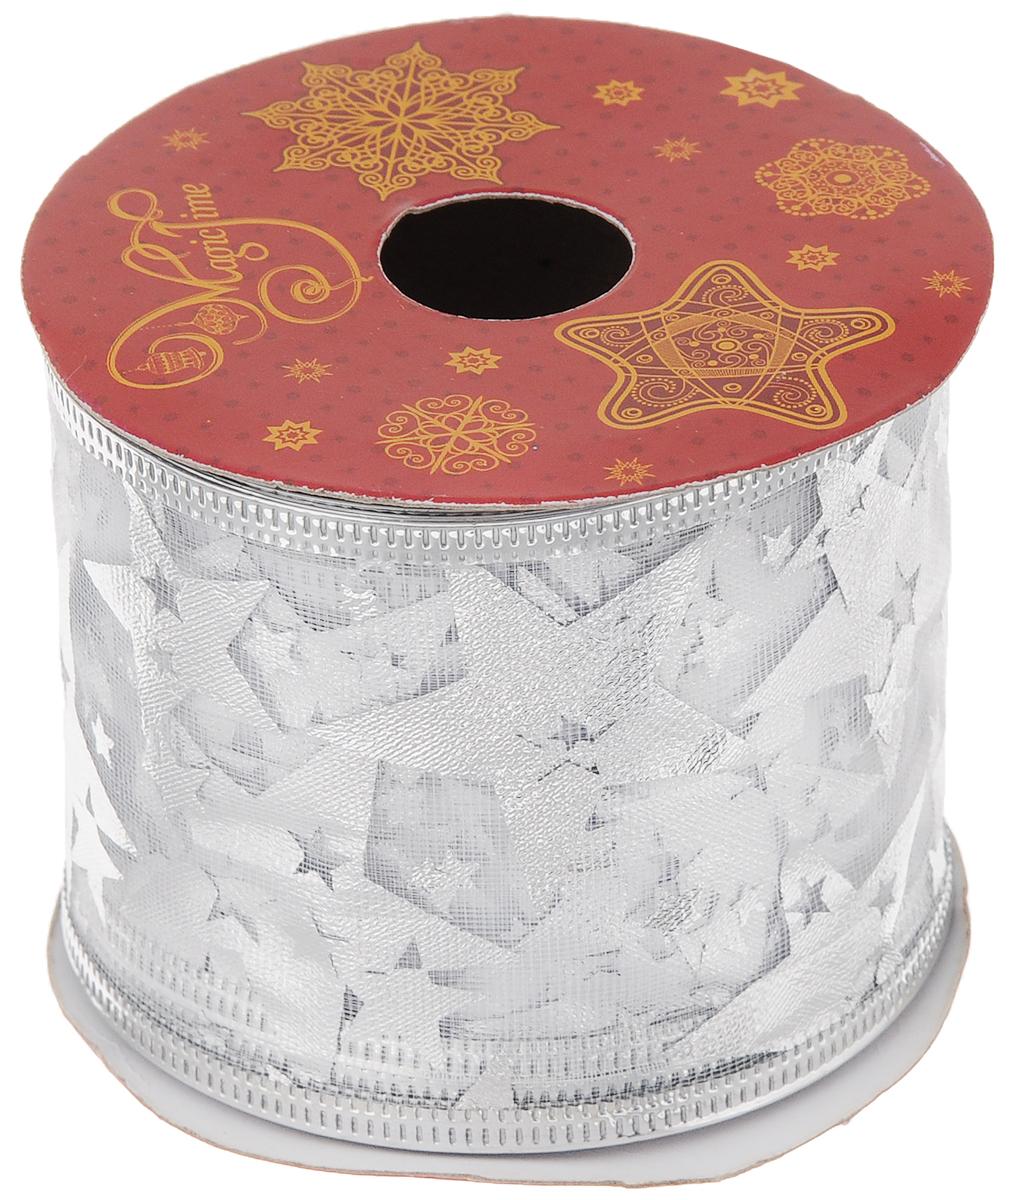 Лента новогодняя Magic Time Звезды, 6,3 см х 2,7 м42809/76228Новогодняя декоративная лента Magic Time Звезды выполненаиз полиэстера. Вкрая ленты вставлена проволока, благодаря чему еелегко фиксировать. Она предназначена для оформления подарочных коробок,пакетов. Кроме того, декоративная лента с успехом применяется дляхудожественного оформления витрин, праздничногооформления помещений, изготовления искусственных цветов.Декоративная лента украсит интерьер вашего дома к праздникам.Ширина ленты: 6,3 см.